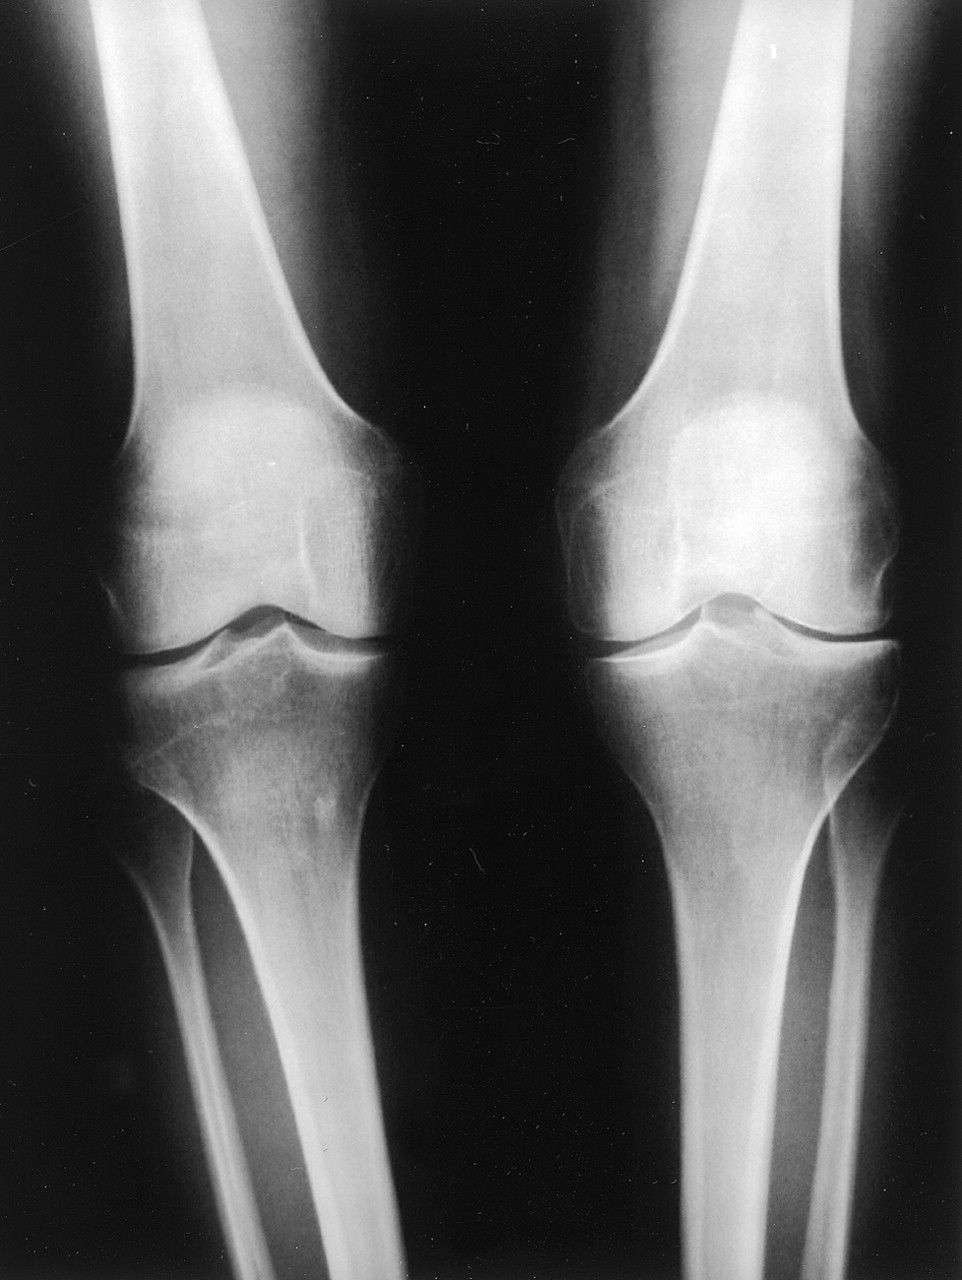 Лечение остеоартроза коленного сустава 2 степени причины и симптомы заболевания